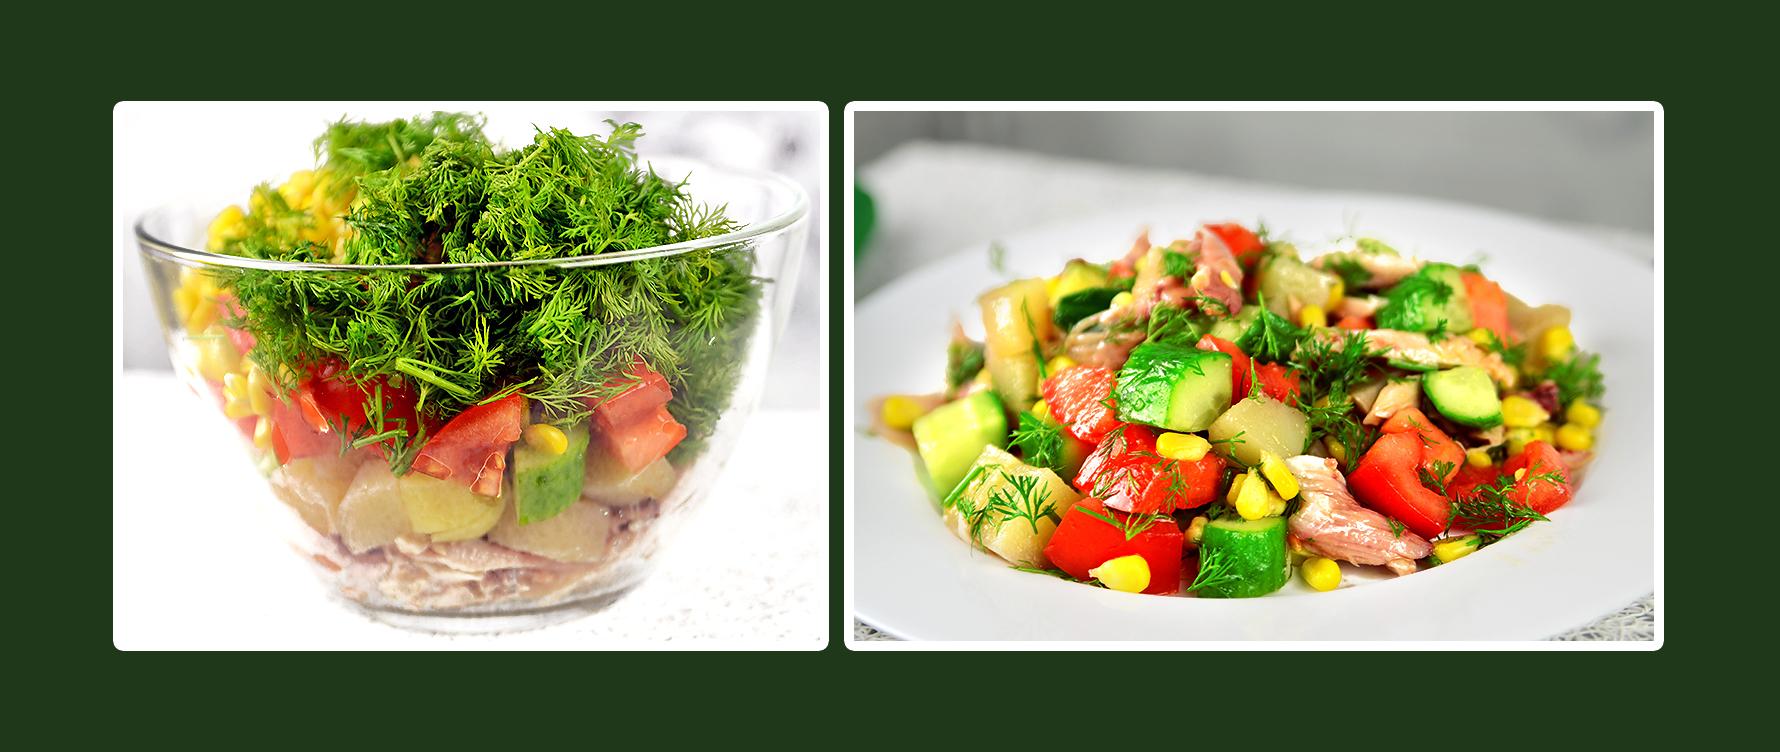 Gemüsesalat mit Hähnchenbrustfilet und Dill Rezept